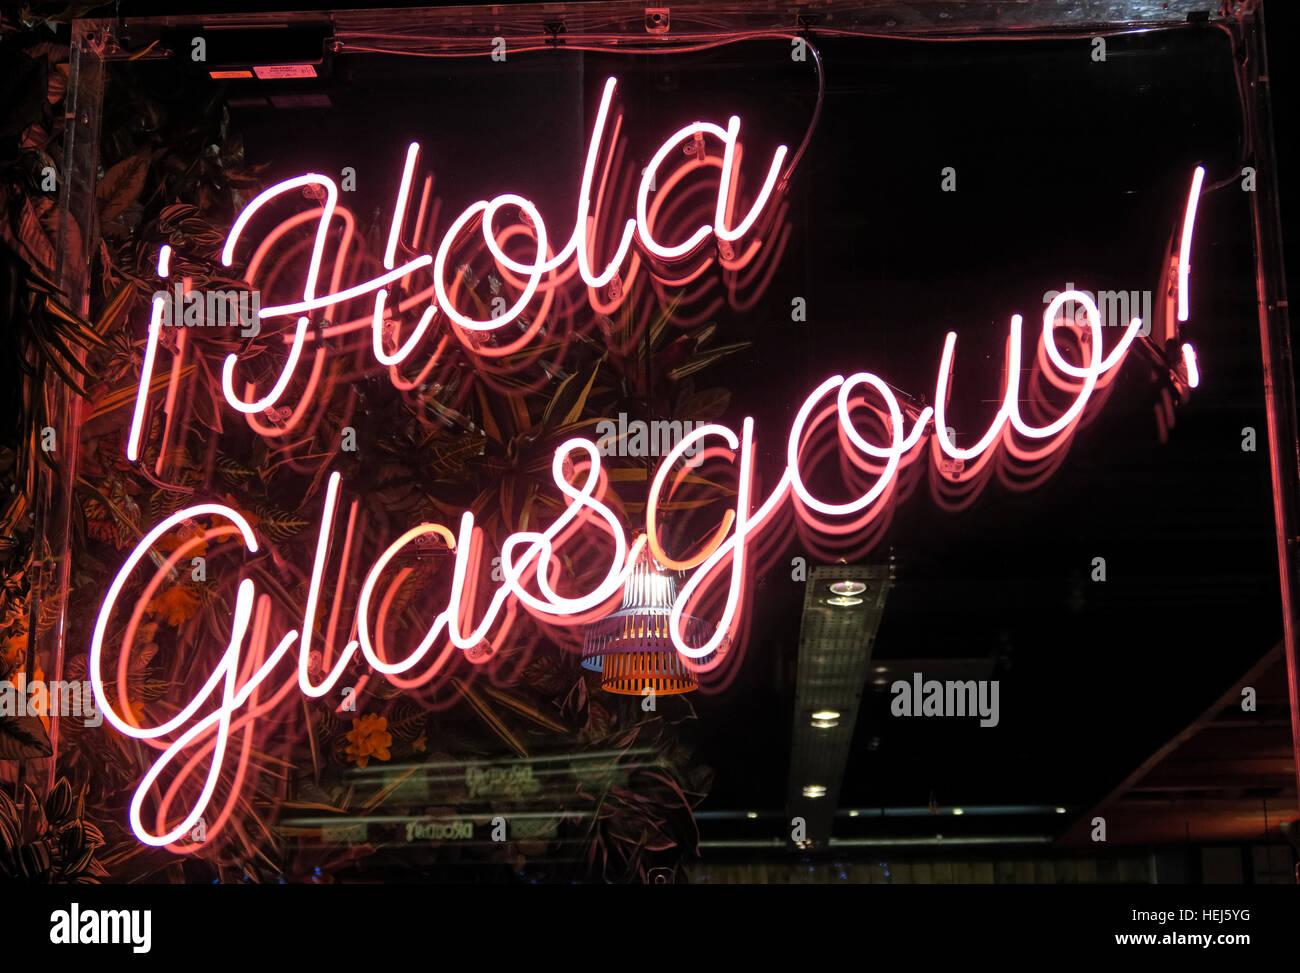 Laden Sie dieses Alamy Stockfoto Hola Glasgow rote Leuchtreklame, Stadtzentrum, Scotland, UK - HEJ5YG